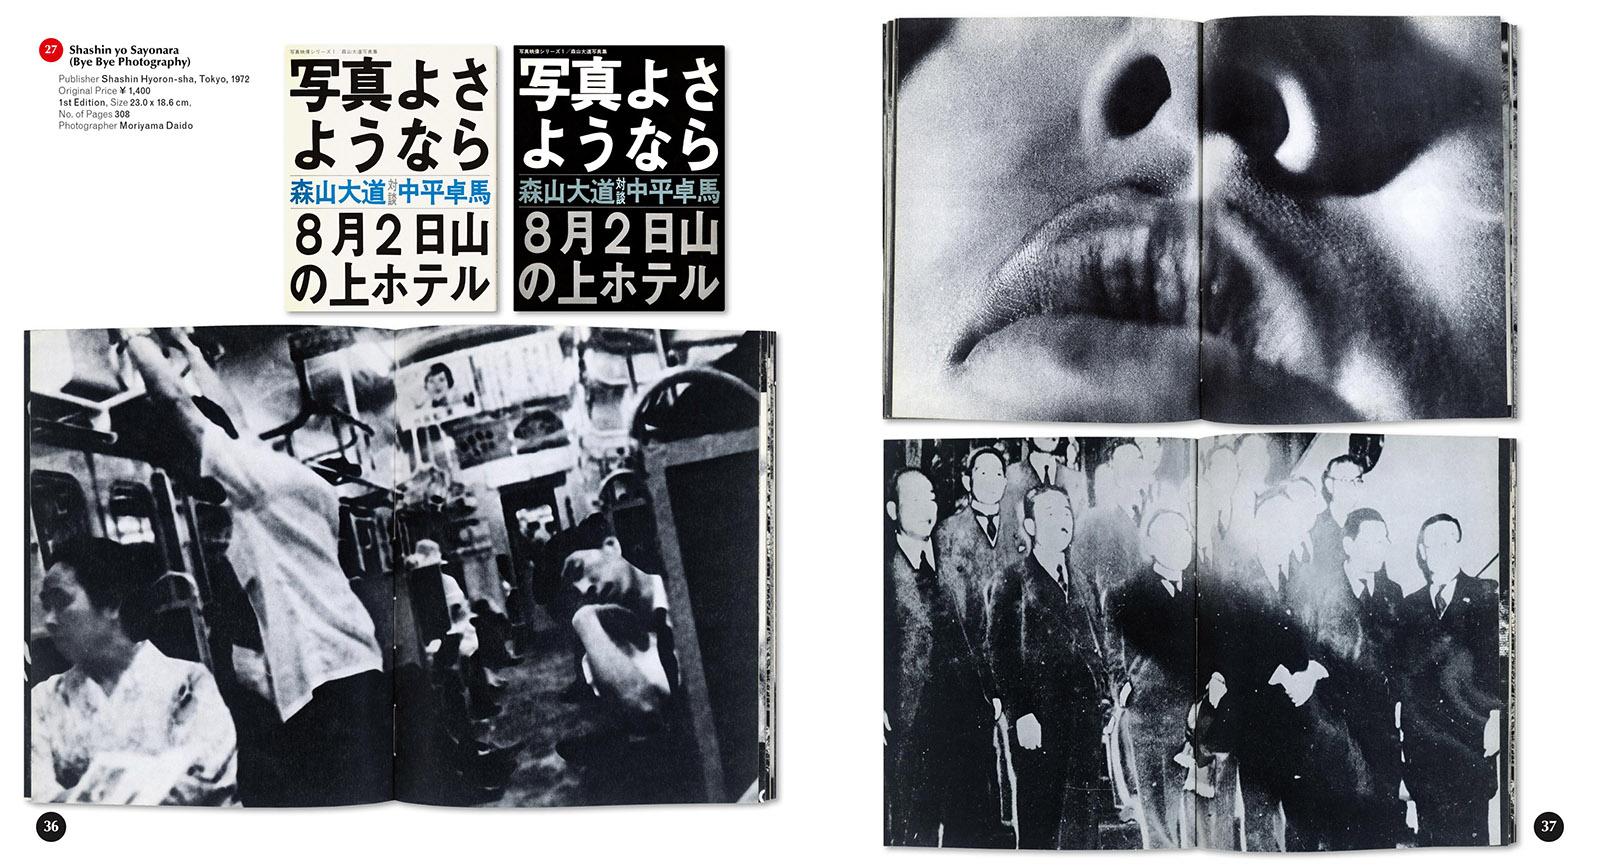 Pages from Daido Moriyama's Shashinyo Sayonara